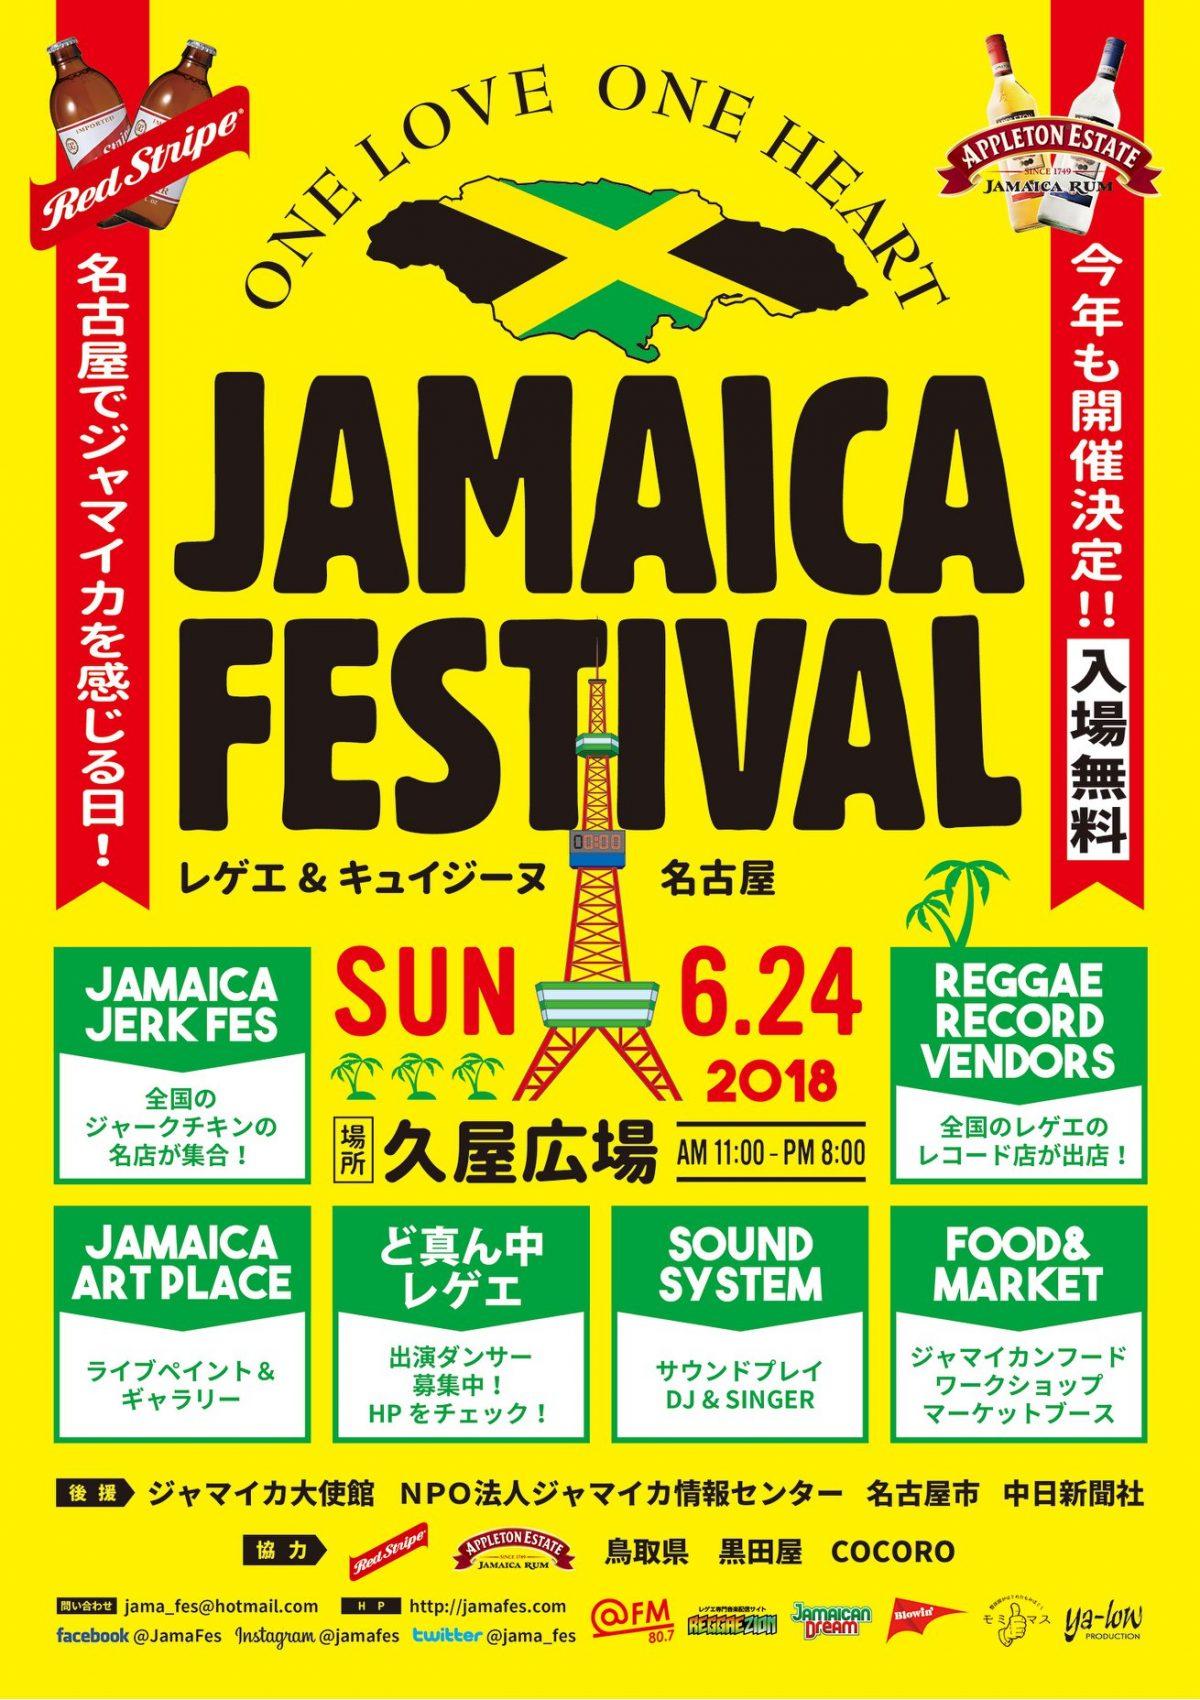 名古屋でジャマイカを感じる日! JAMAICA FESTIVAL レゲエ&キュイジーヌ名古屋